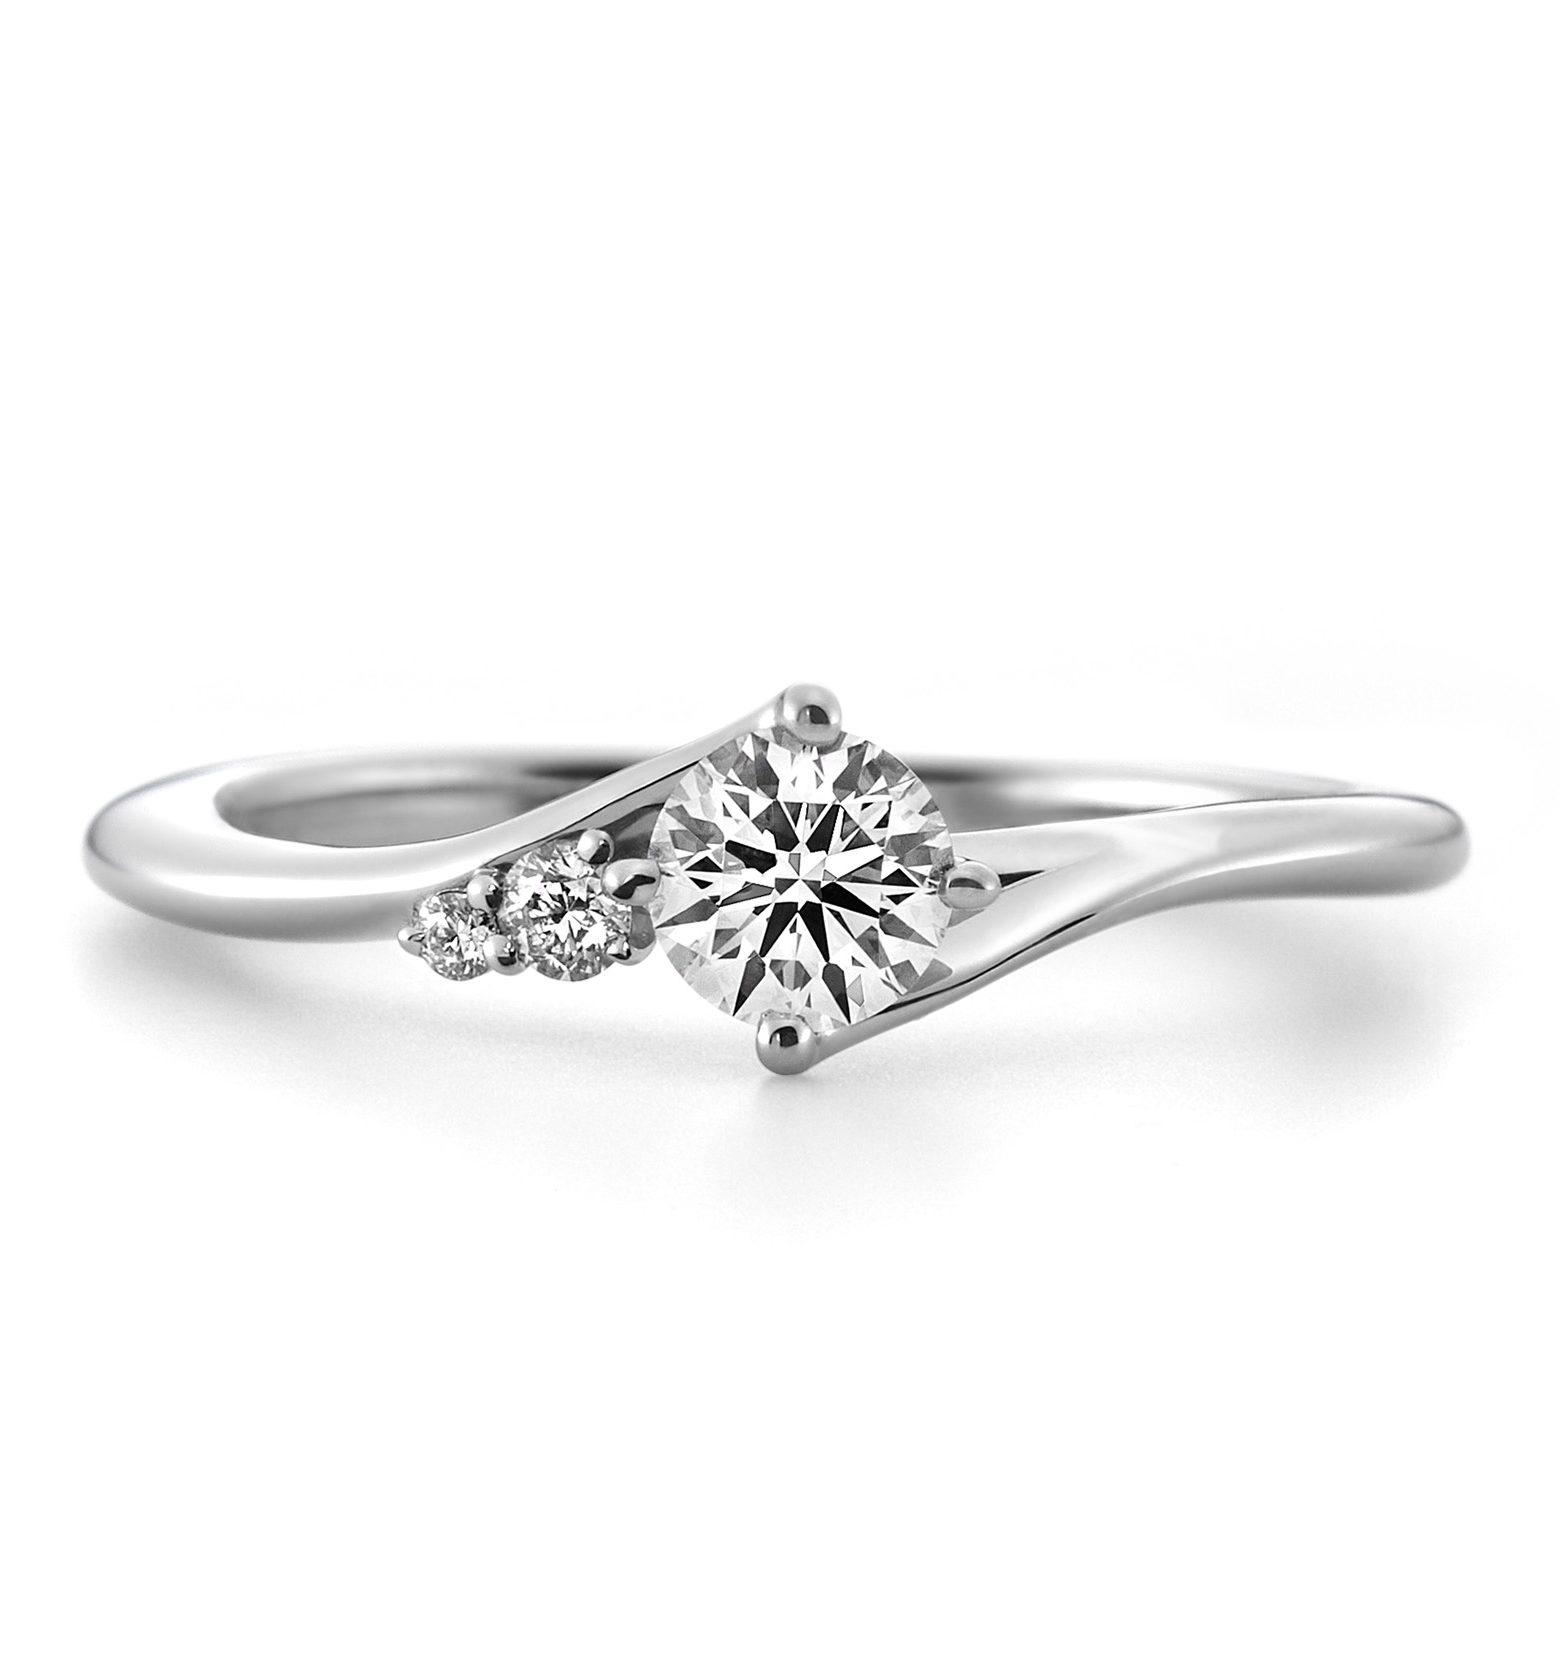 ゴージャス 婚約指輪のカシオペア